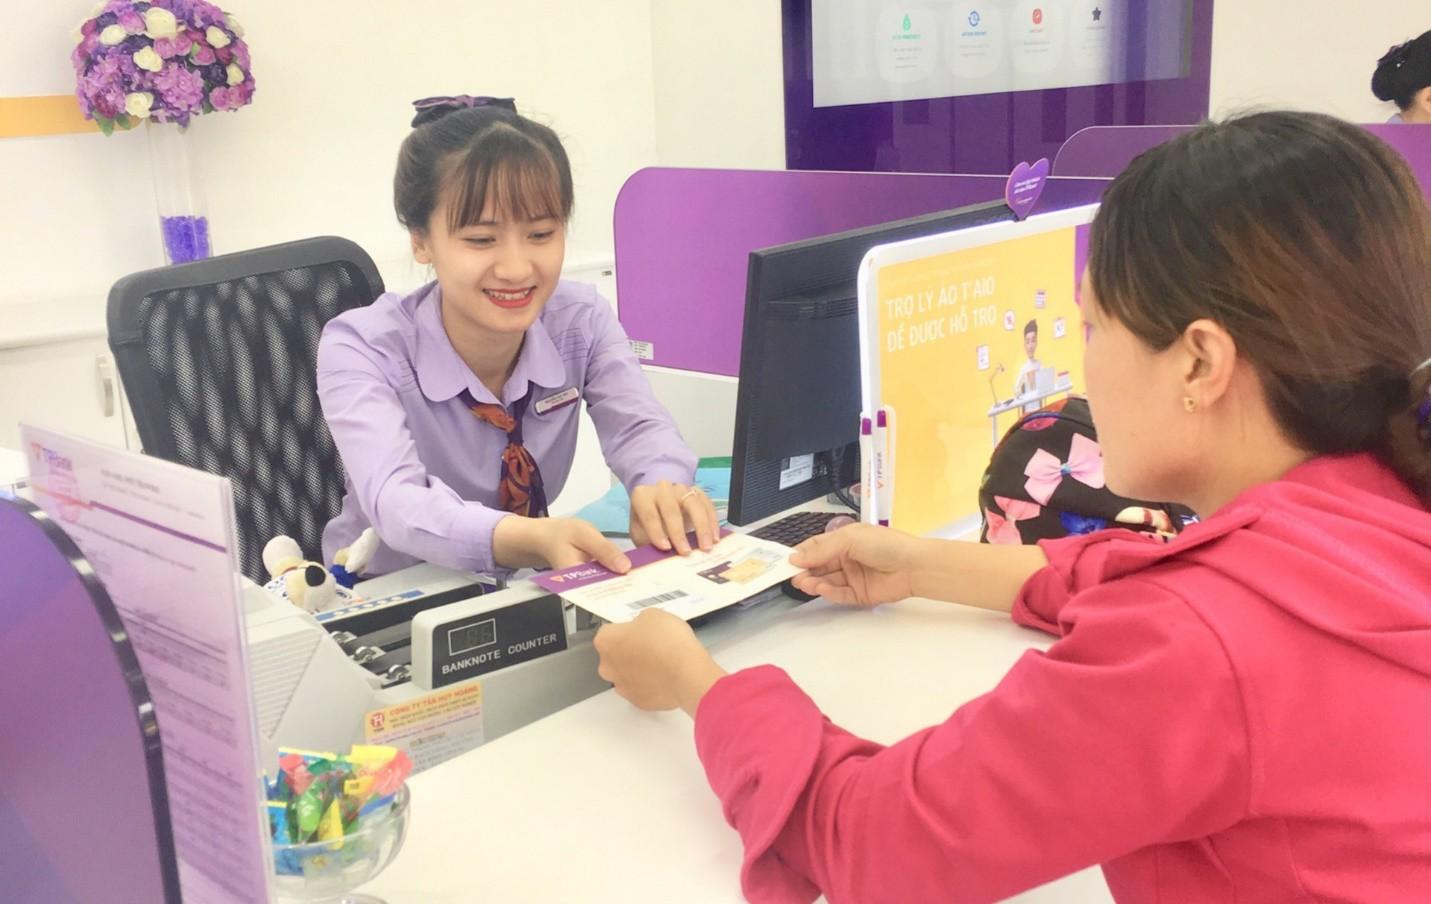 TPBank ra mắt gói ưu đãi không giới hạn, miễn tới hơn 200 triệu đồng tiền phí - Ảnh 1.